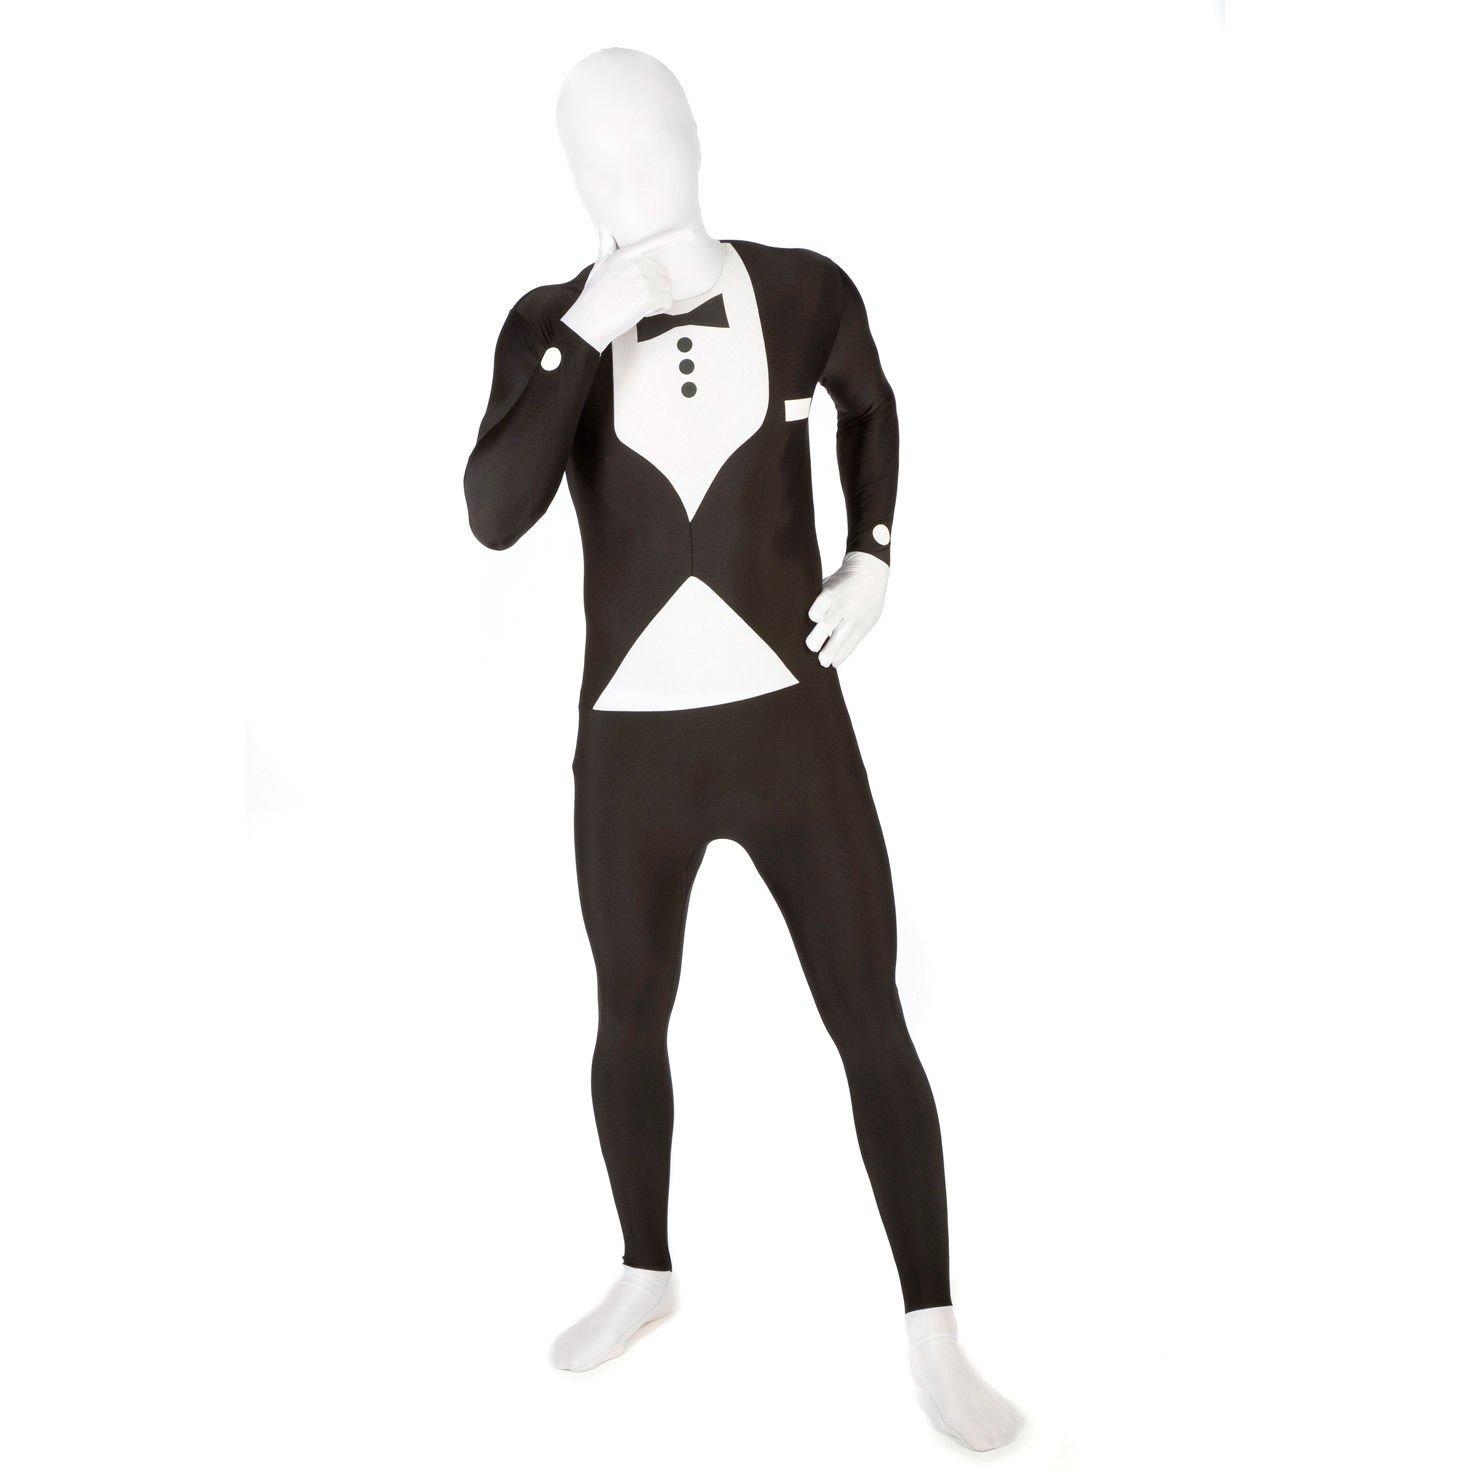 Seconde peau morphsuit /™ rouge taille m 5-54 CS97056//M 152cm-163cm Morphsuits